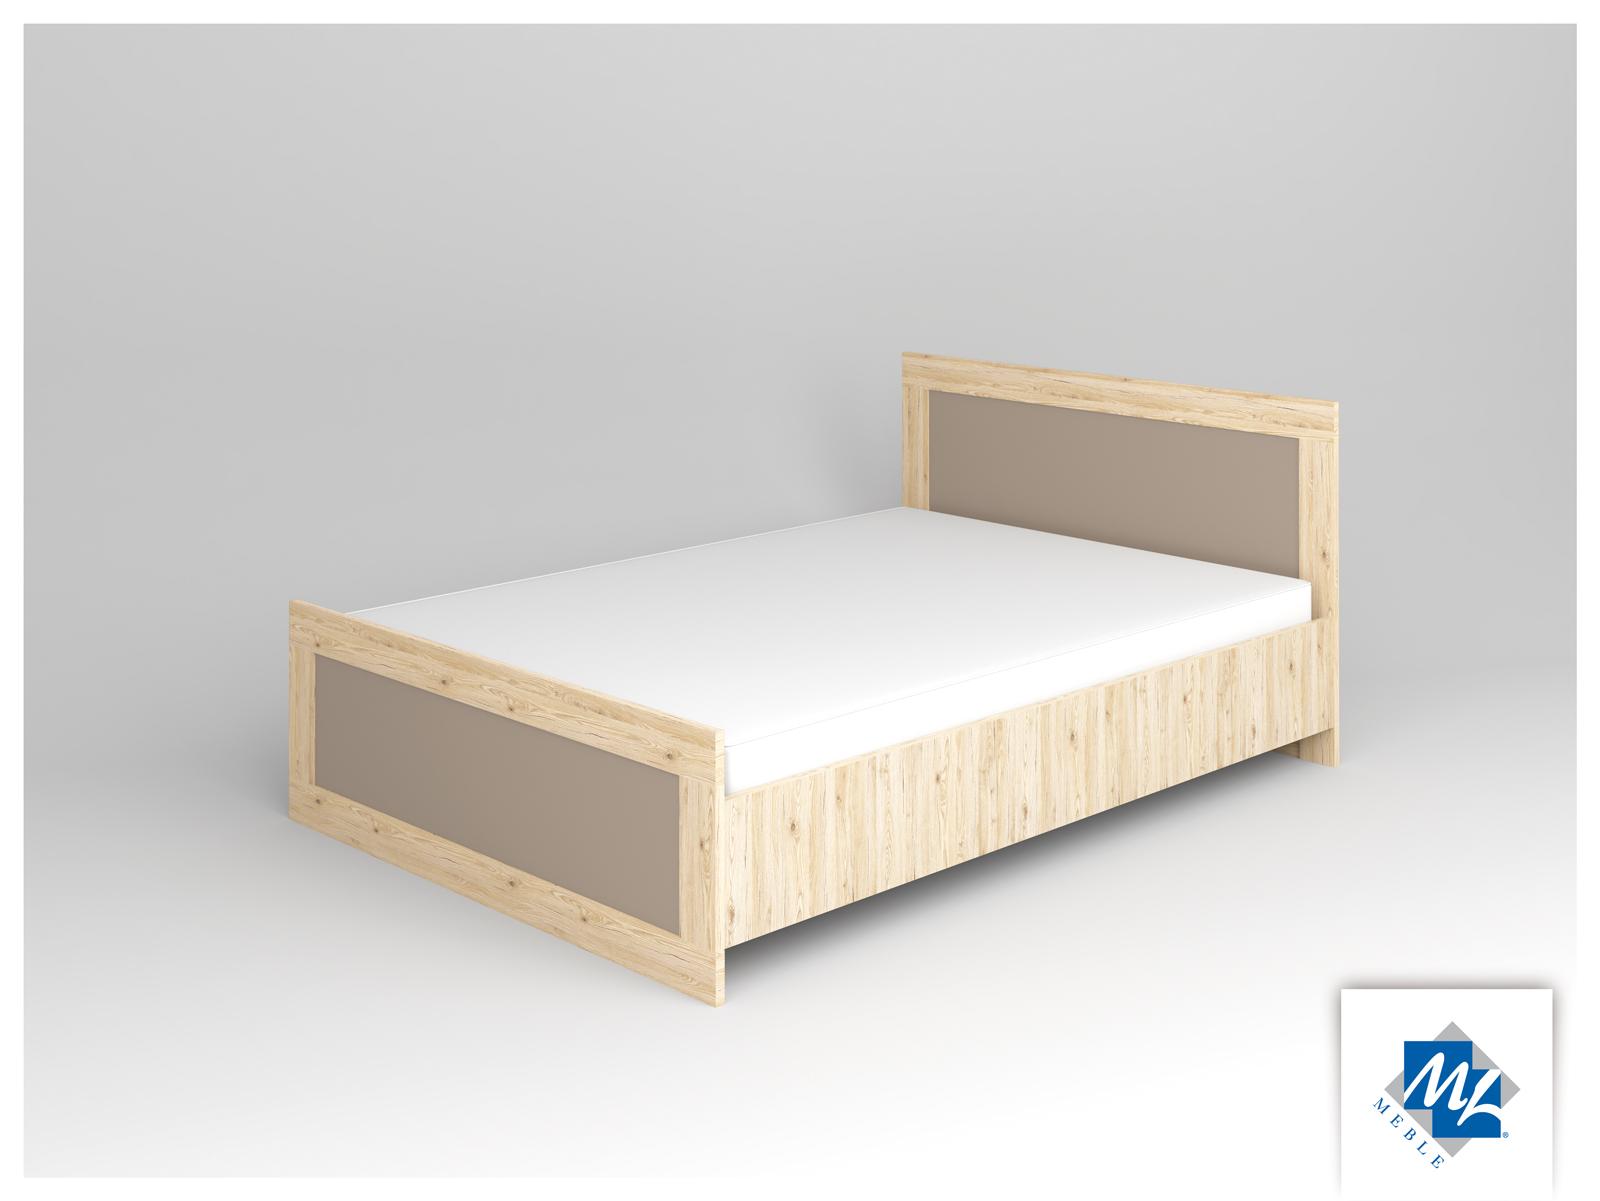 Manželská posteľ 140 cm - ML Nábytok - Modern 15 dub San Remo + grafit